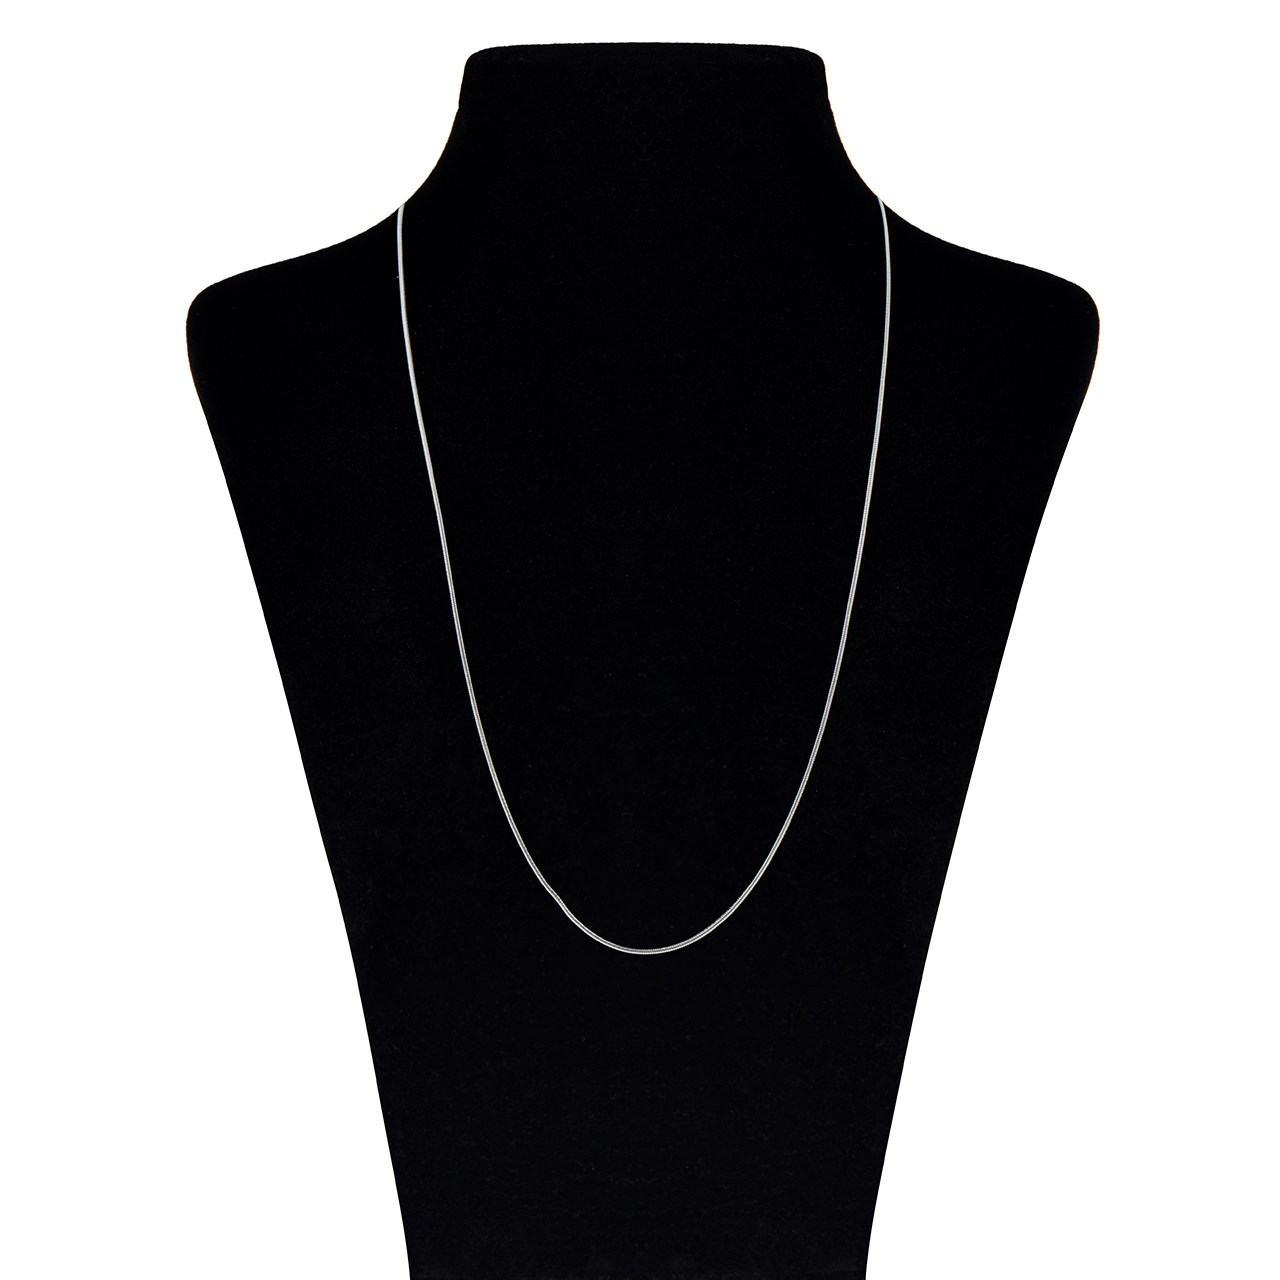 قیمت زنجیر استیل مارنا گالری مدل  ماری 25-S